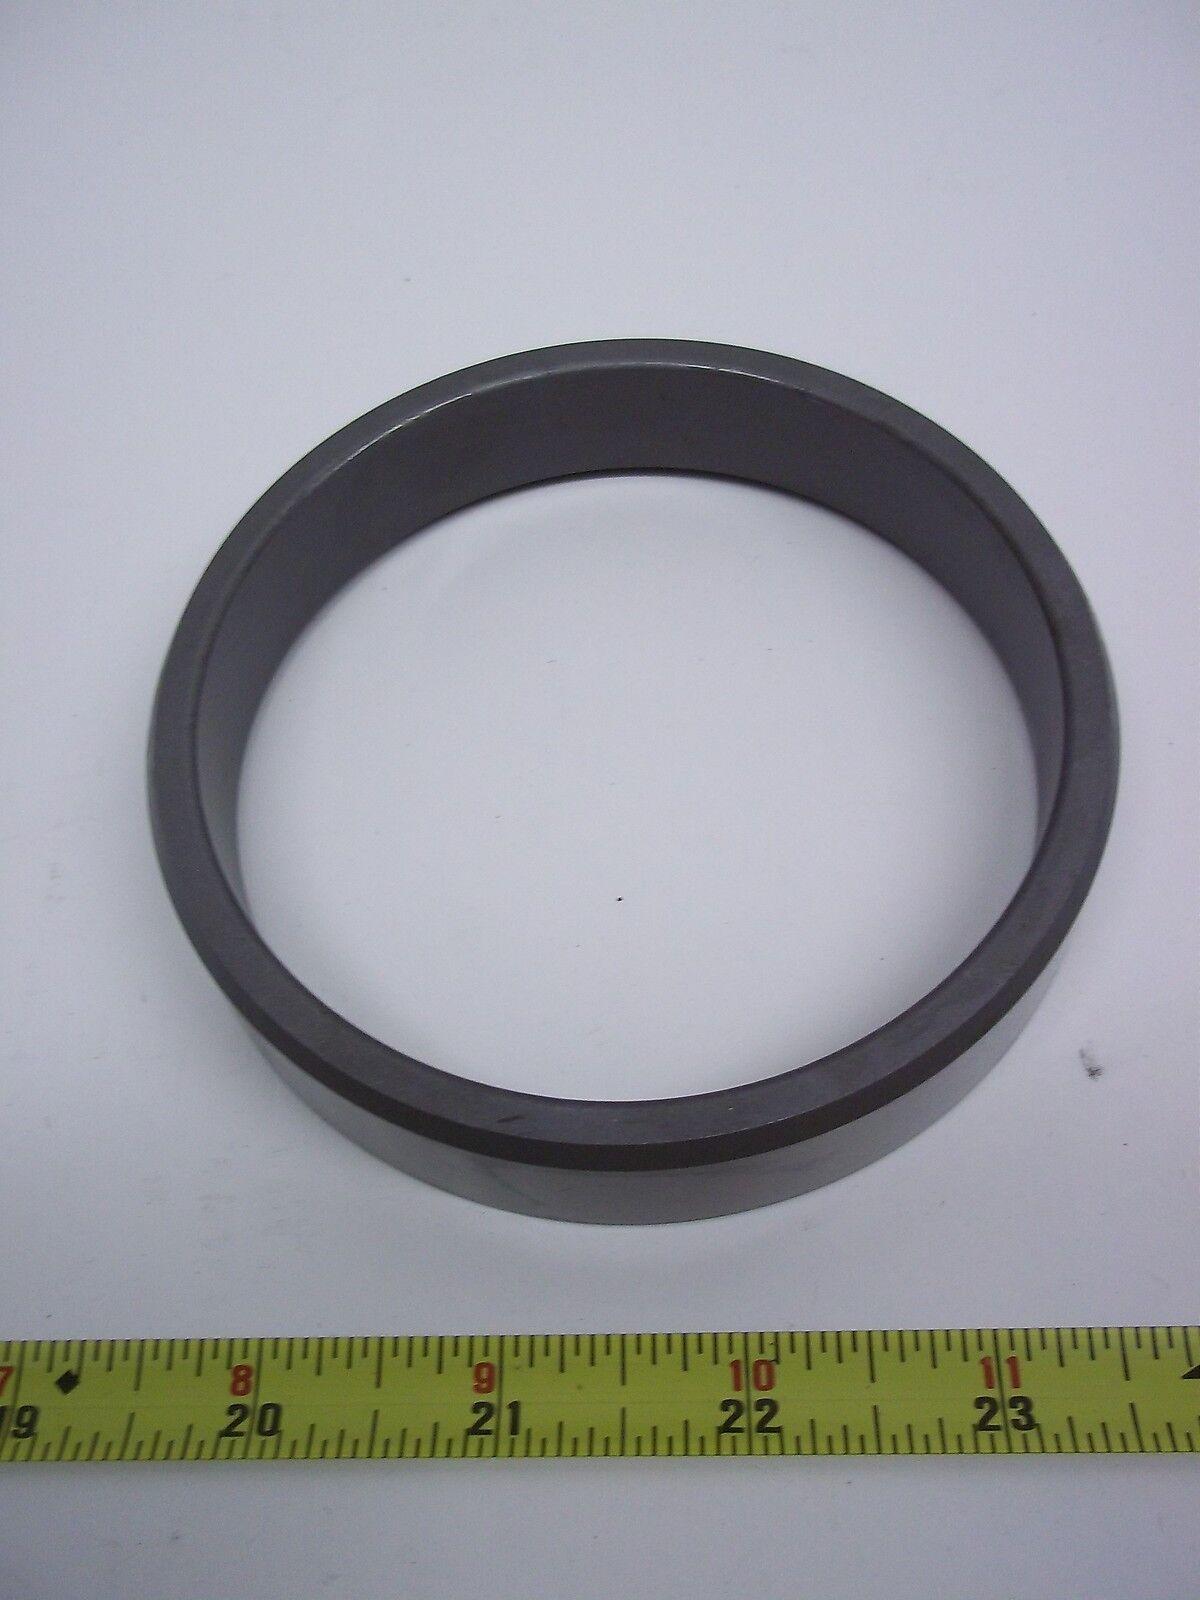 Heavy equipment parts accs business industrial 3ec 21 36240 komatsu bearing taper cup 3ec2136240 fandeluxe Gallery